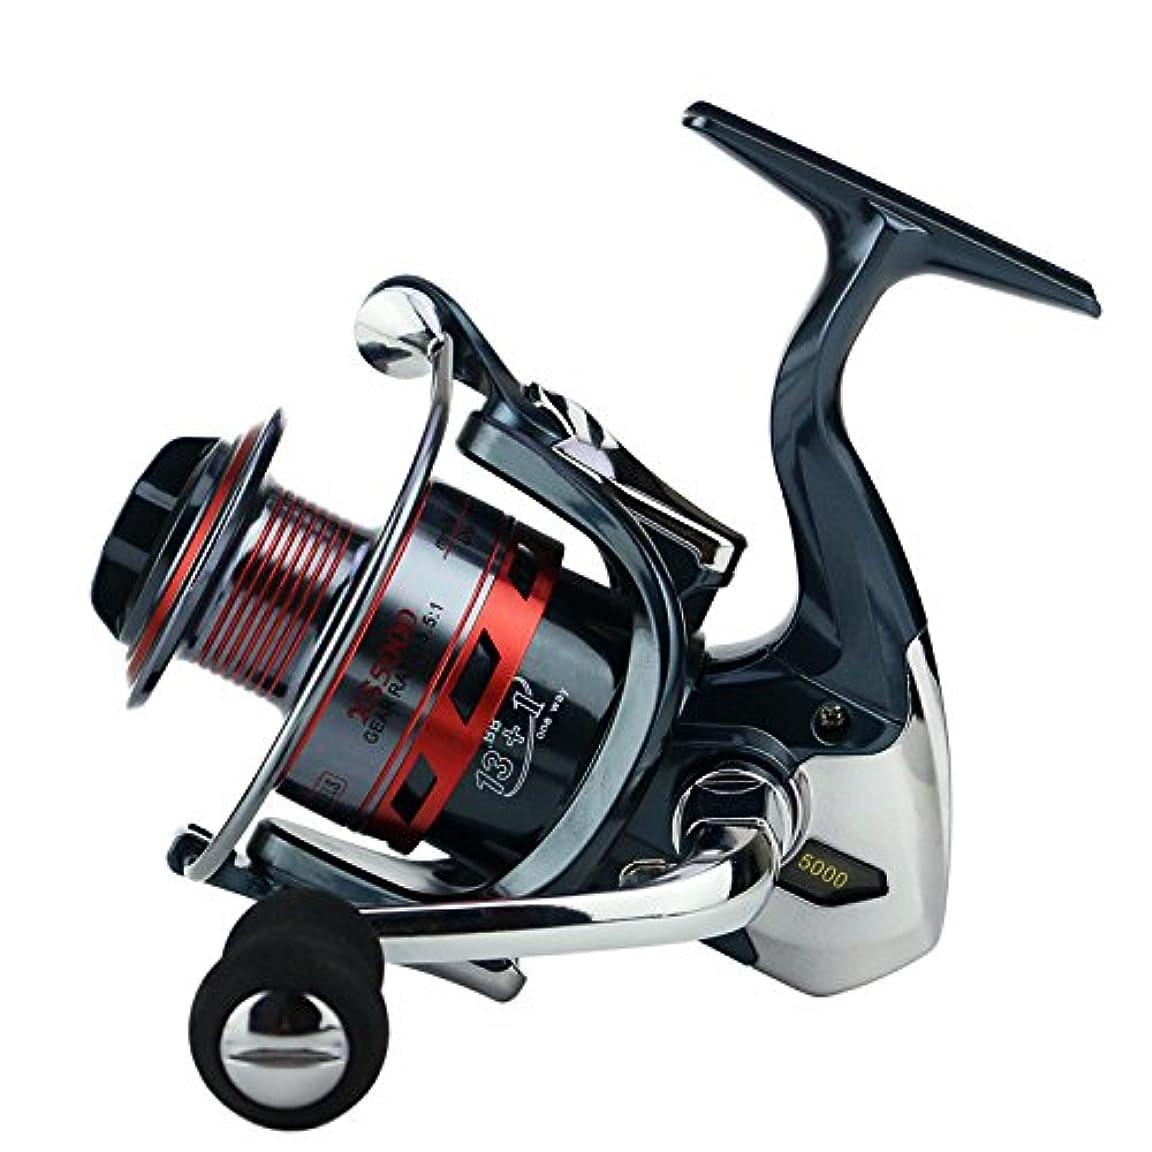 リットルピザシンジケートスピニングリール 塩水淡水釣り用ギア比5.5:1ダブルドラッグブレーキシステム付き釣りリール13 + 1ベアリング左右交換可能ハンドル (サイズ : 5000)